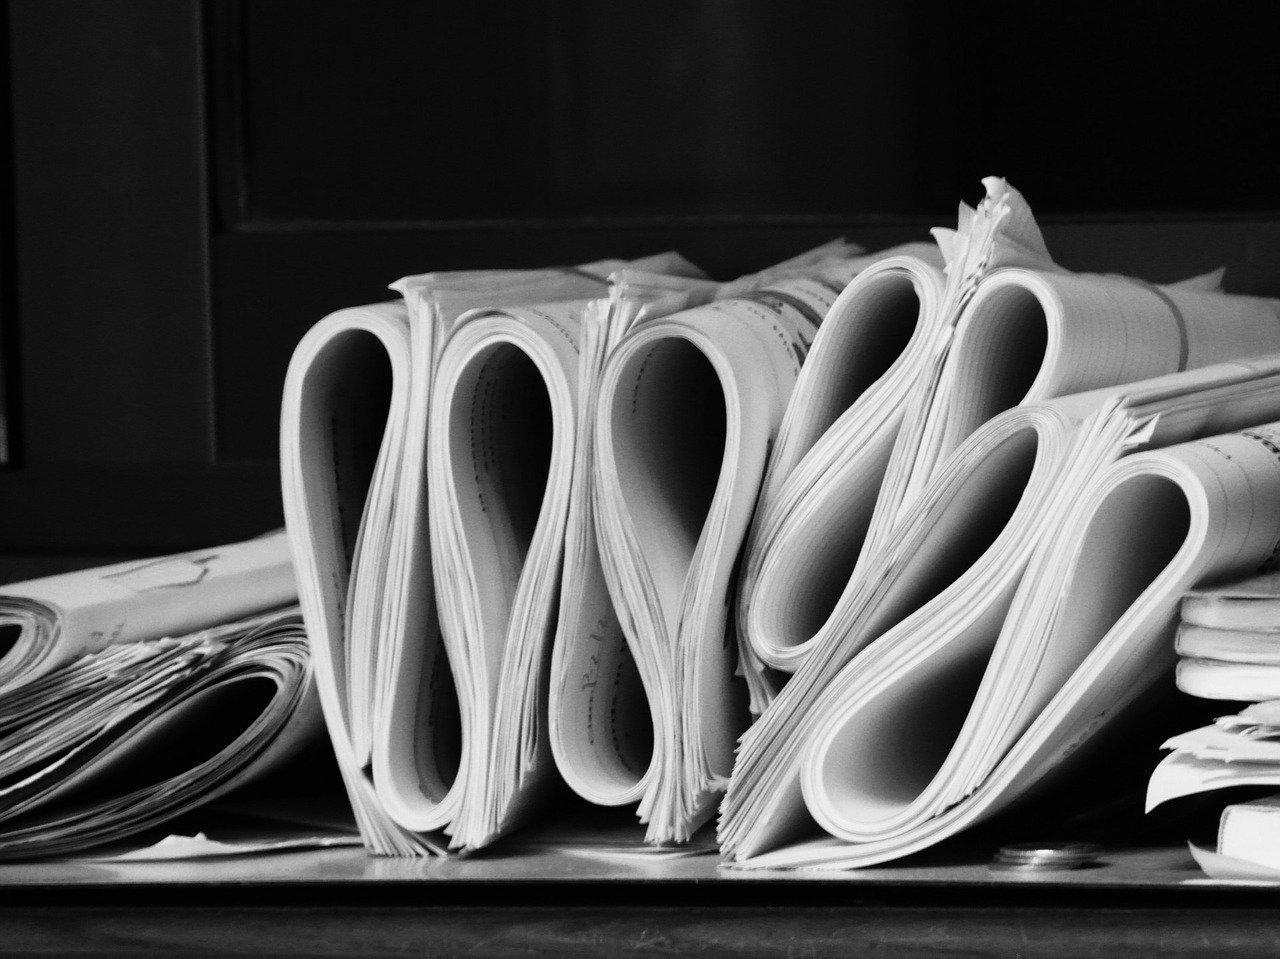 Встановлення вимоги щодо наявності документально підтвердженого досвіду виконання аналогічного договору